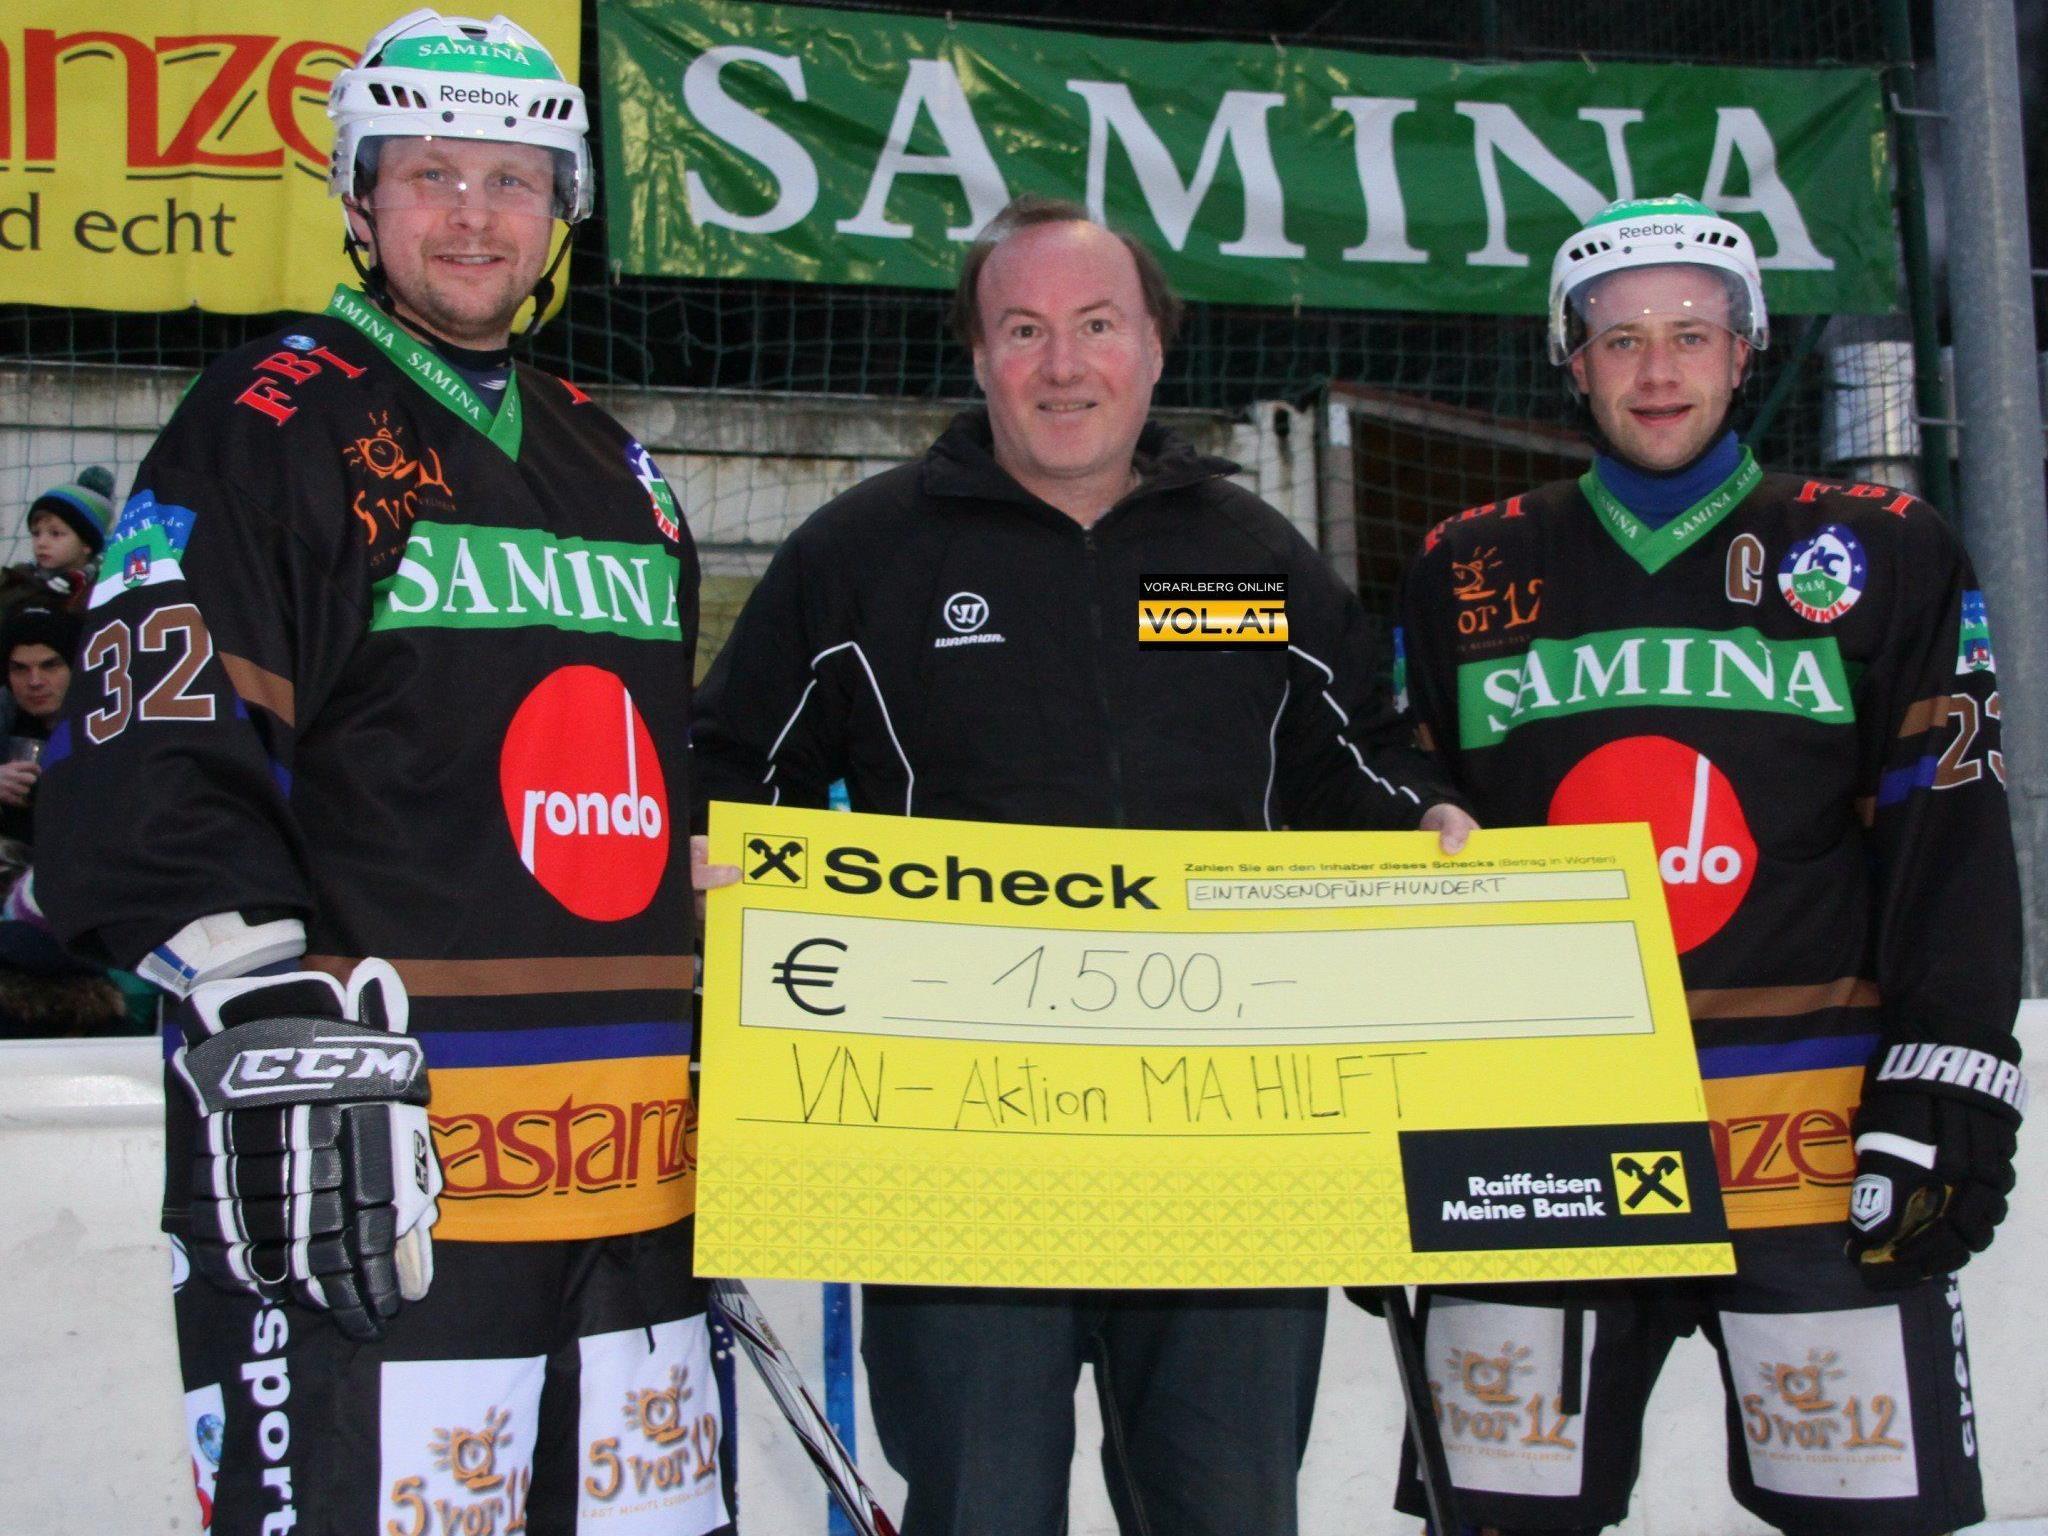 Der HC Samina Rankweil und VEU Feldkirch spendeten 1500 Euro für VN Aktion Ma hilft.